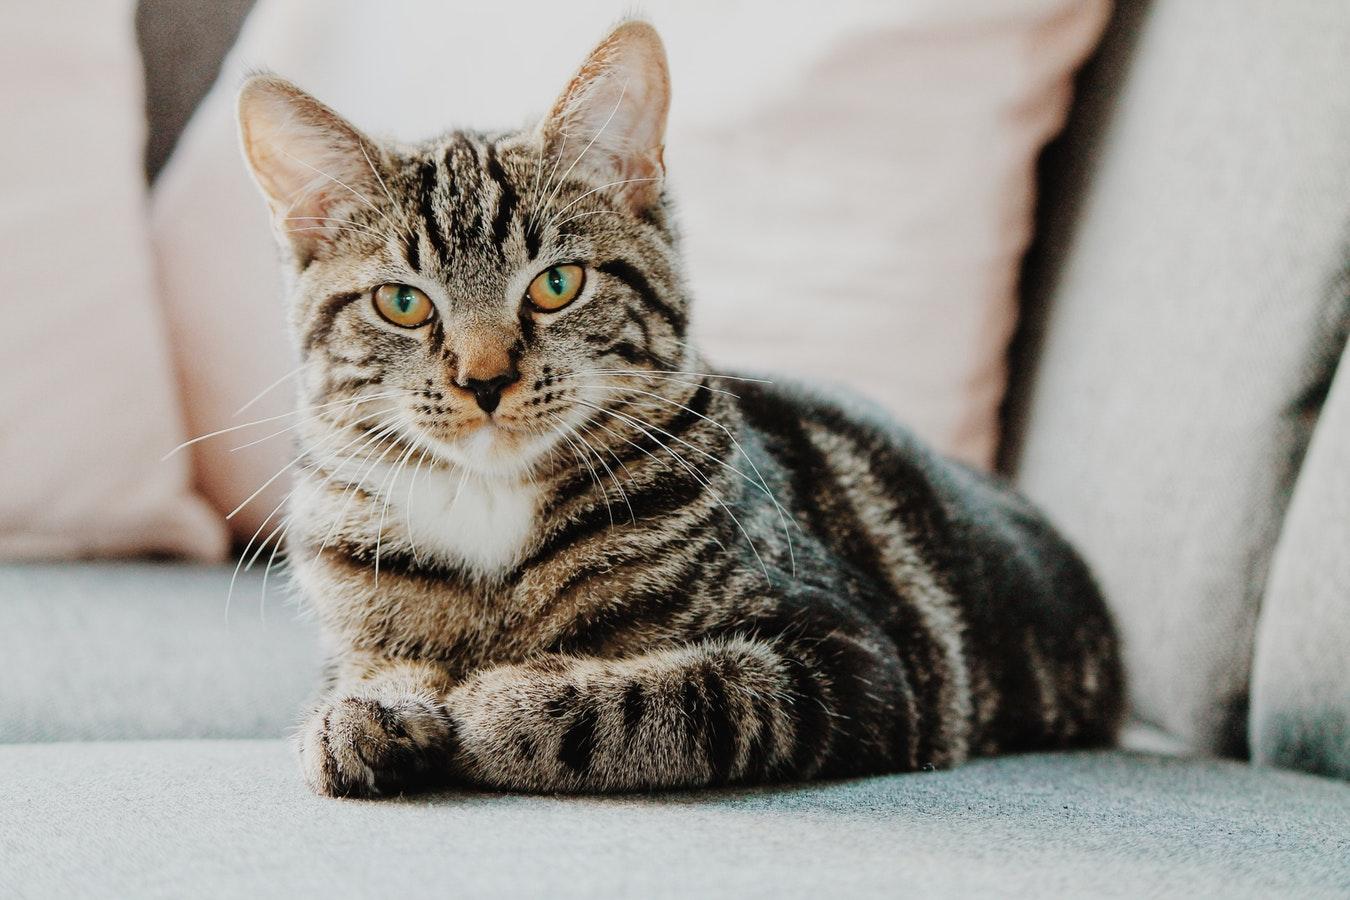 Din kat kommer aldrig til at gå sulten i seng med foder fra nemfoder.dk